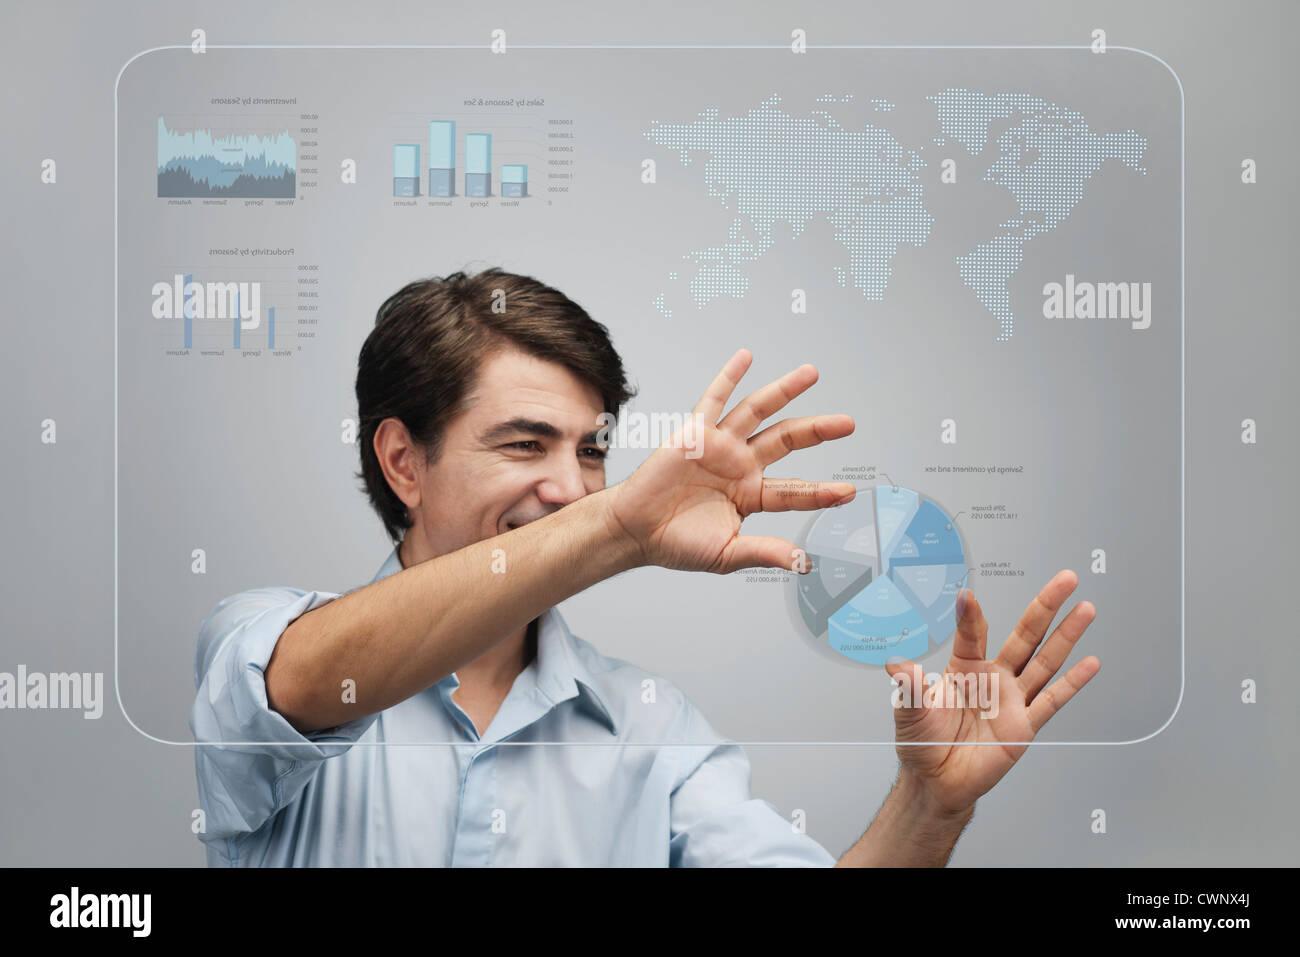 Empresario utilizando una avanzada tecnología de pantalla táctil para ver los datos de ventas Imagen De Stock